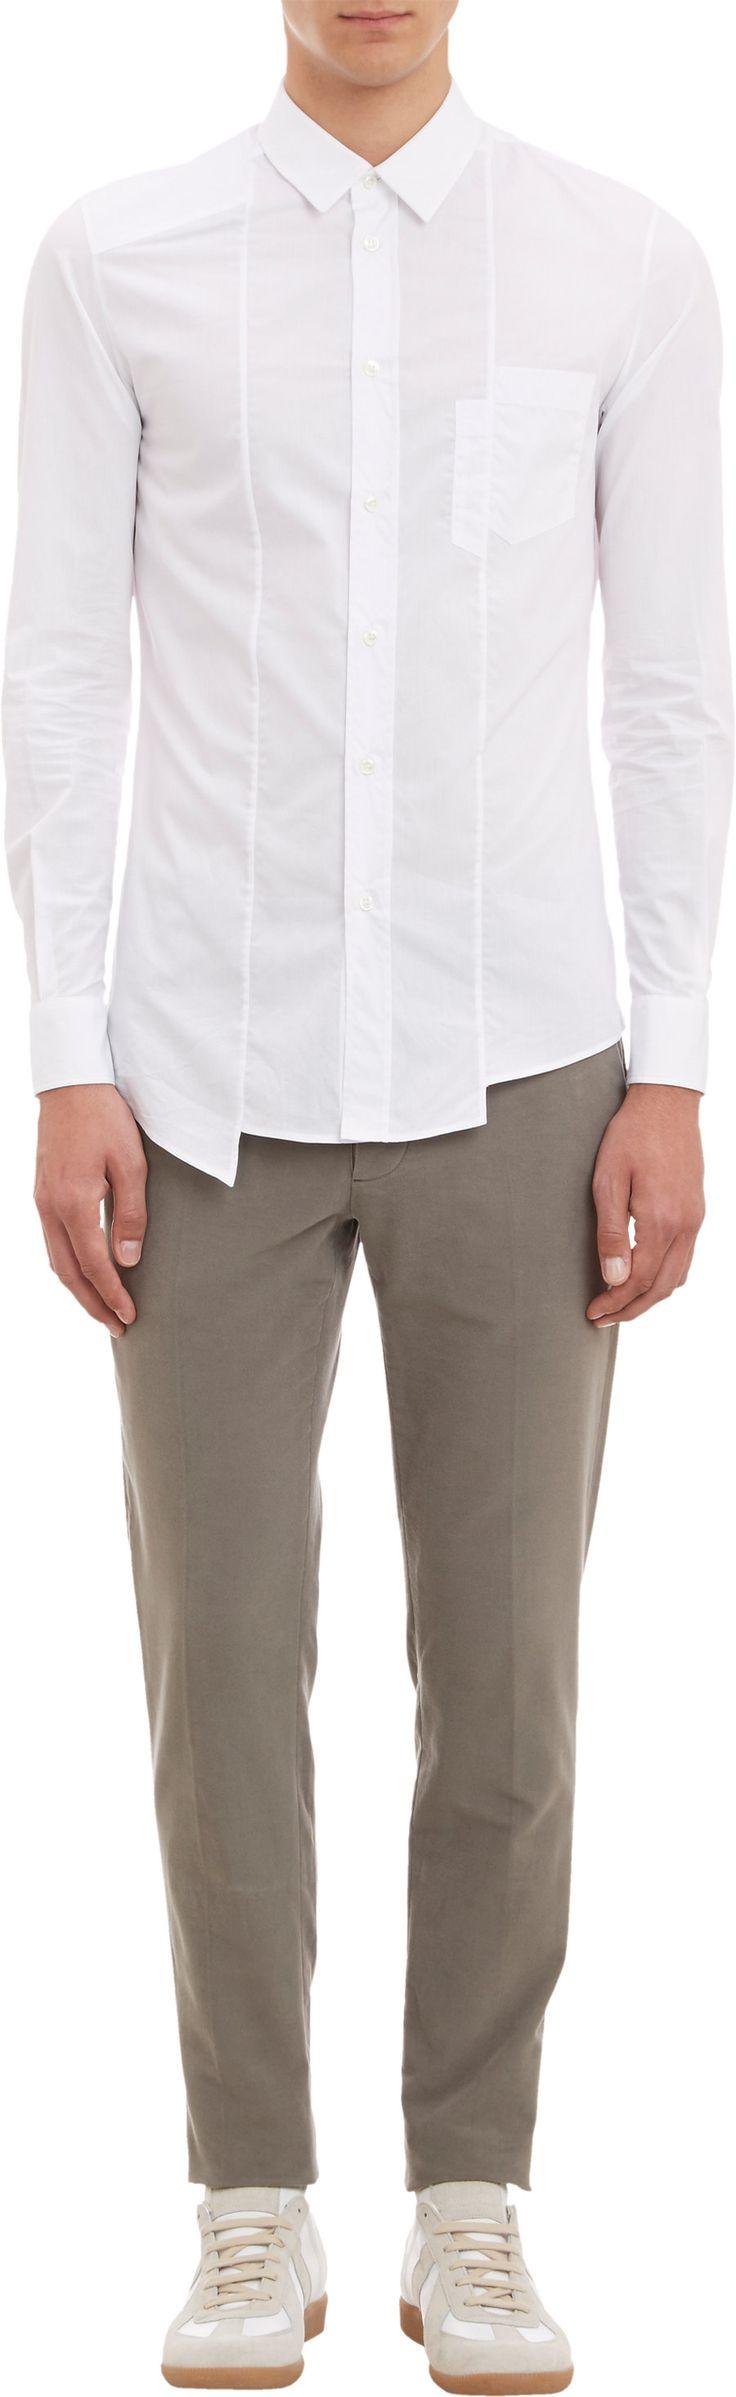 Maison Martin Margiela Spliced-Seam Shirt at Barneys.com